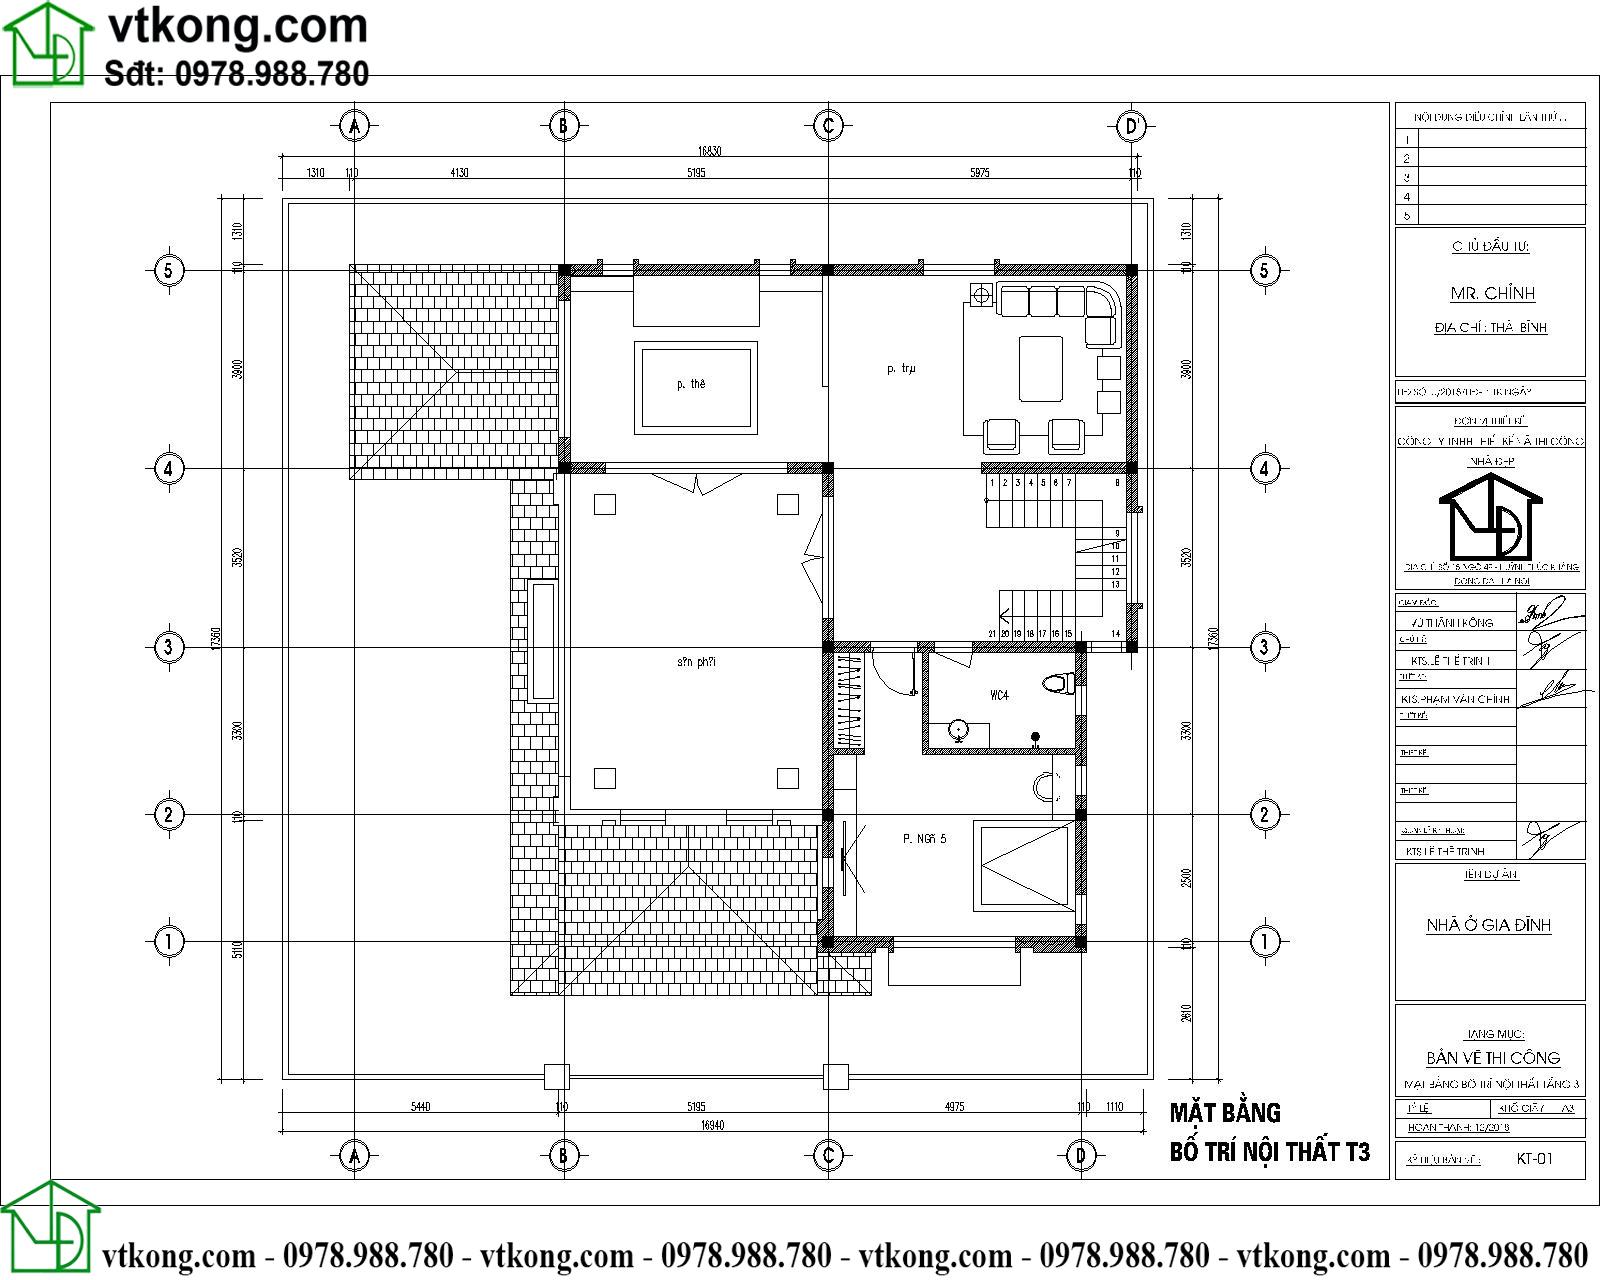 Thiết kế biệt thự 3 tầng đẹp hiện đại 15x15m BT3T008 5